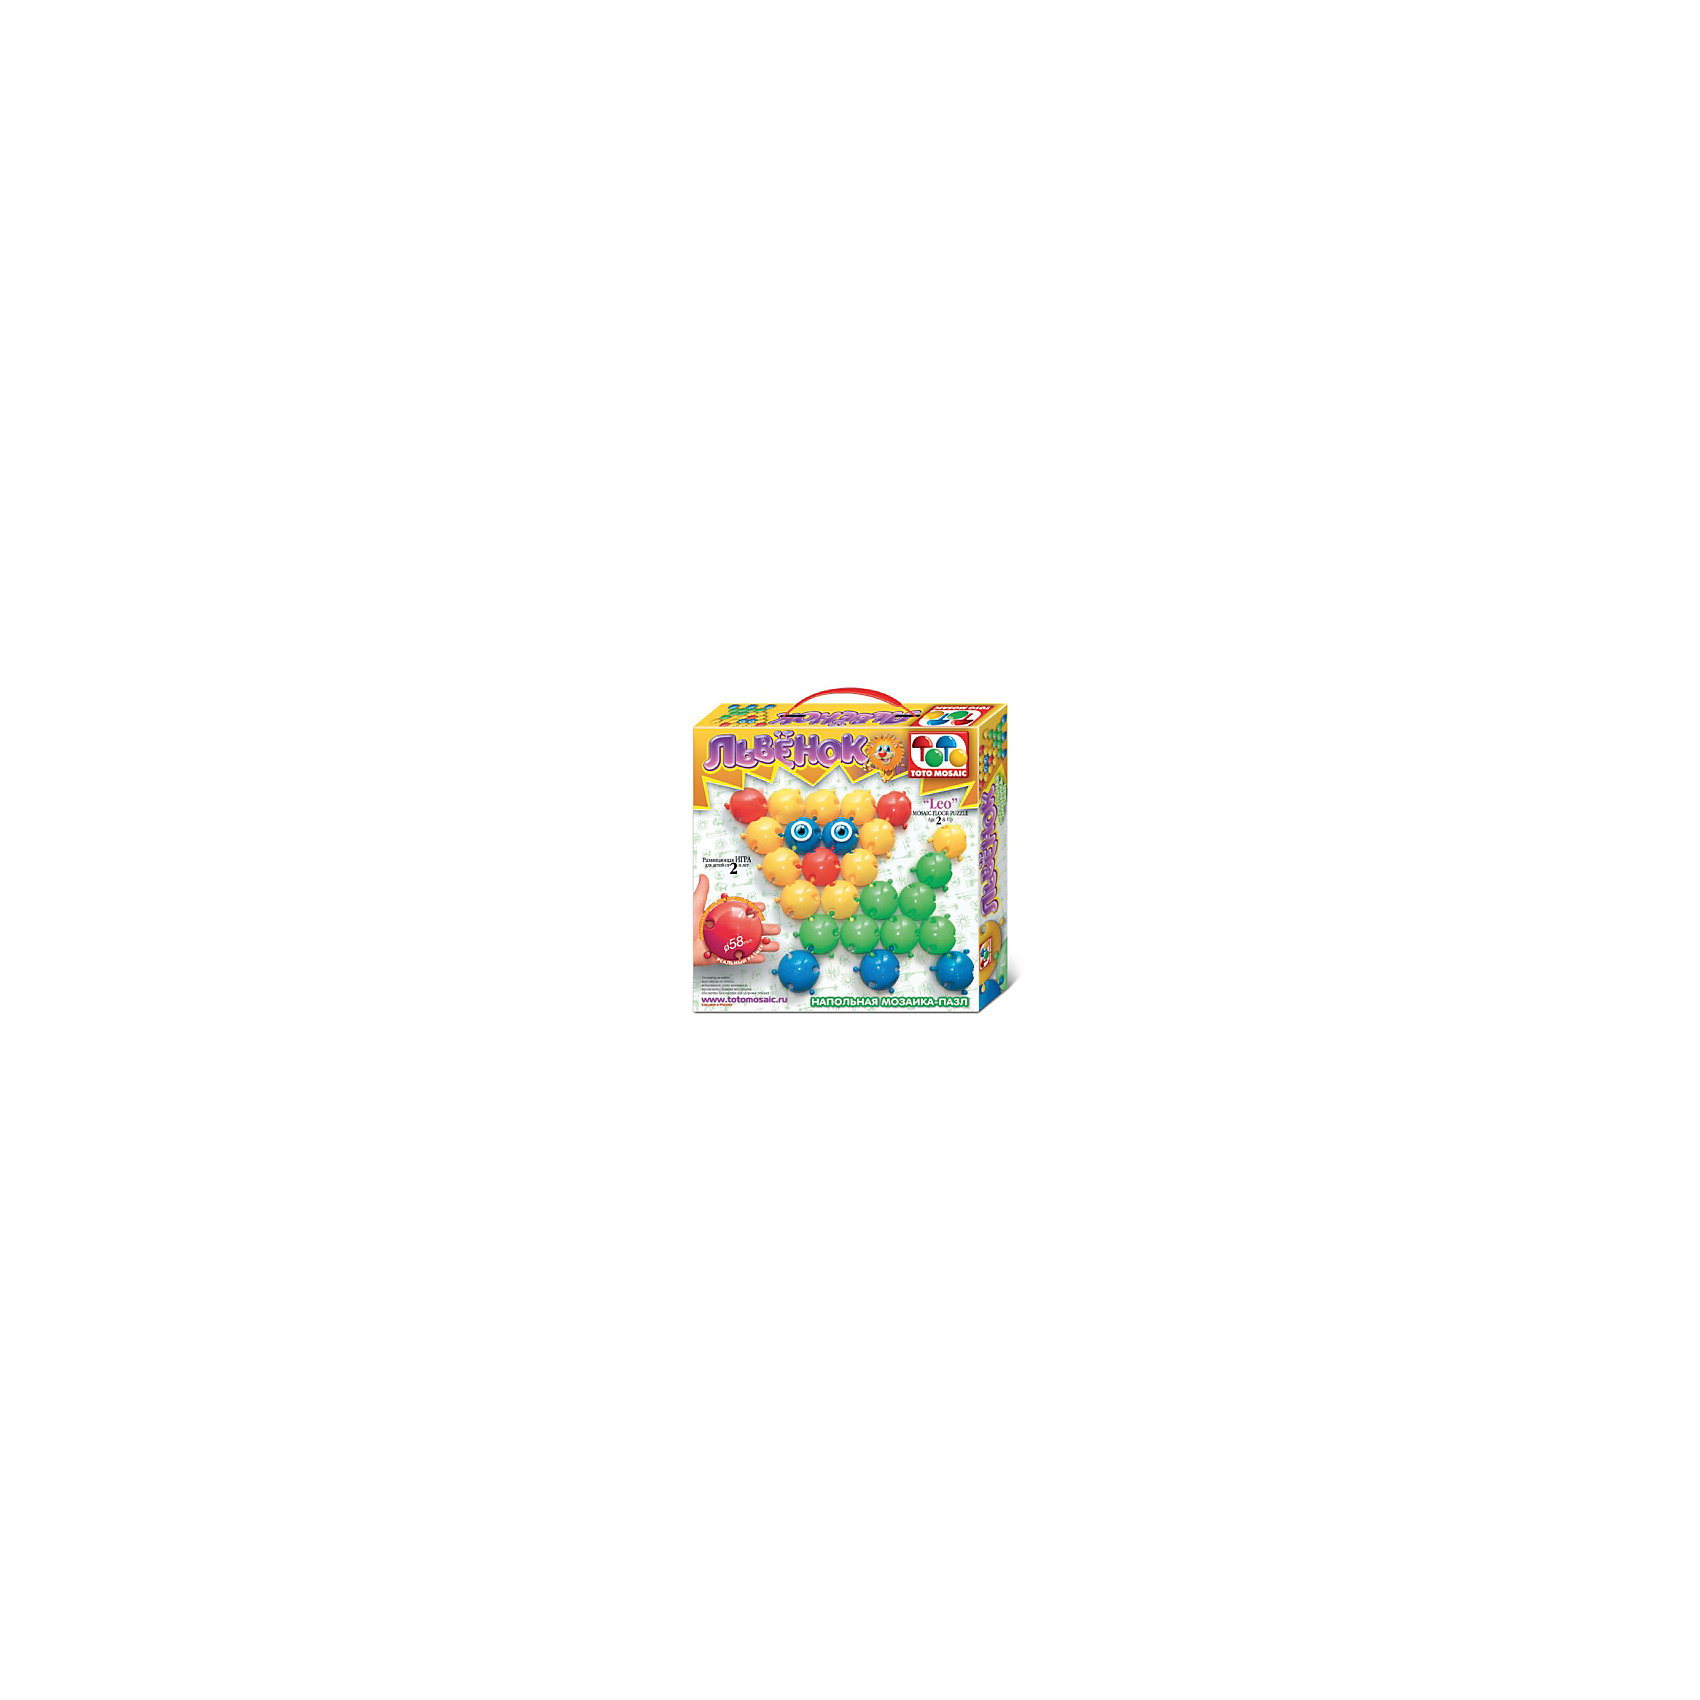 Toys Union Напольная мозаика Львенок, 25 деталей, д. 58 мм, Toys Union мозаика vladi toys мозаика магнитная львенок и жираф 67 деталей